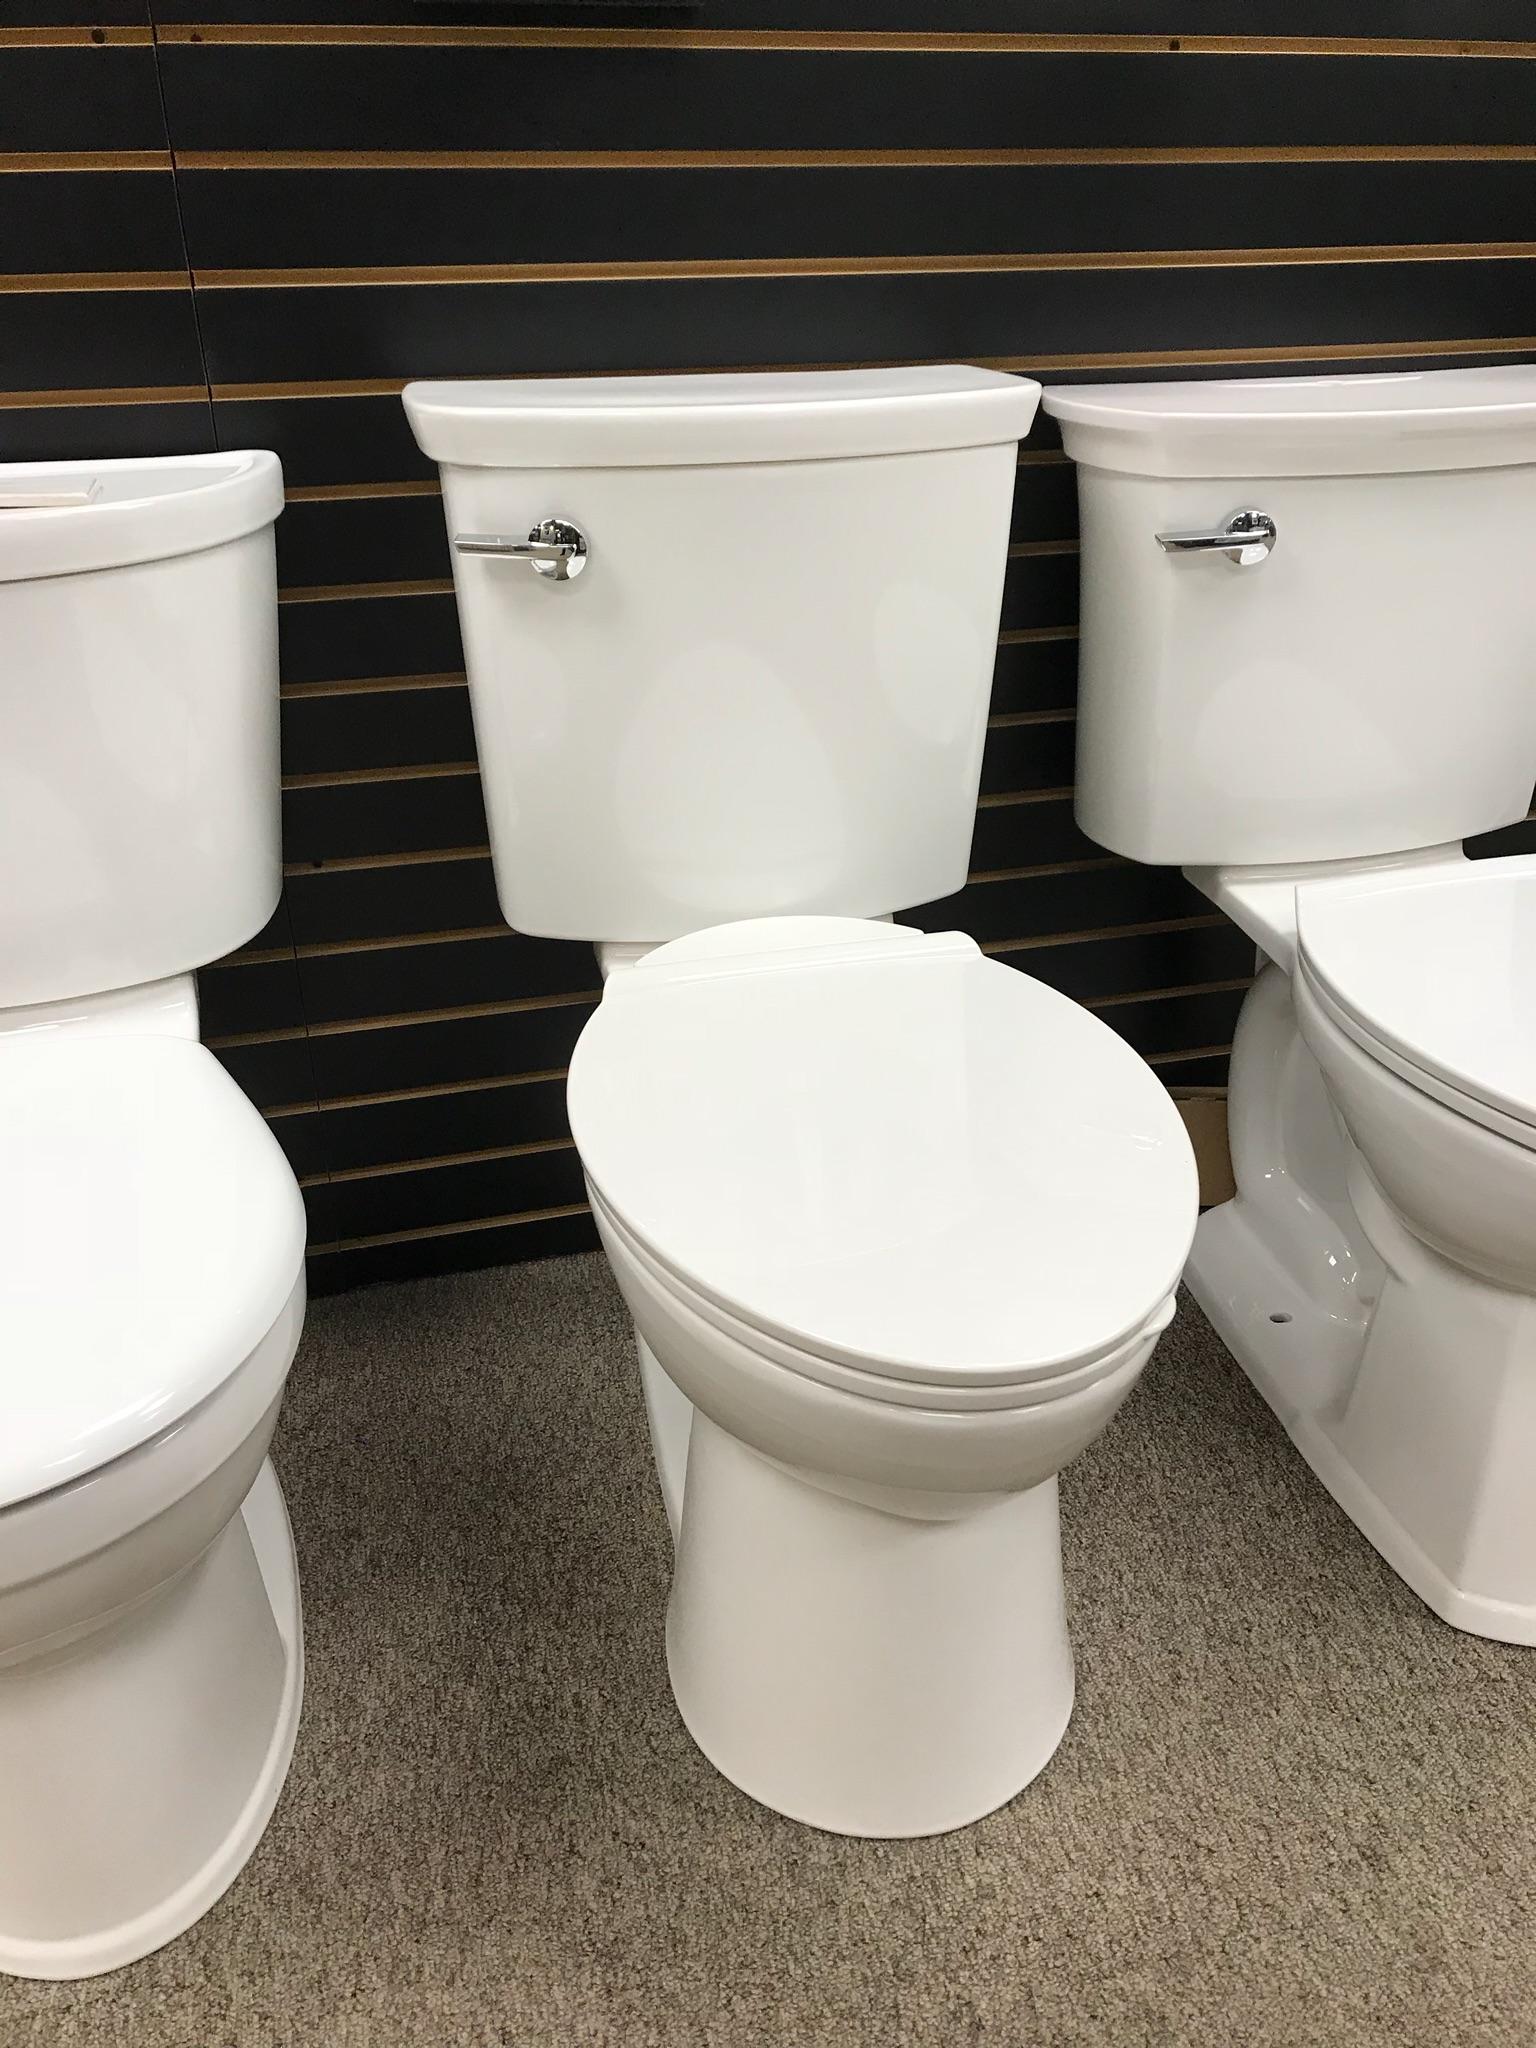 American Standard toilet Vormax Plus